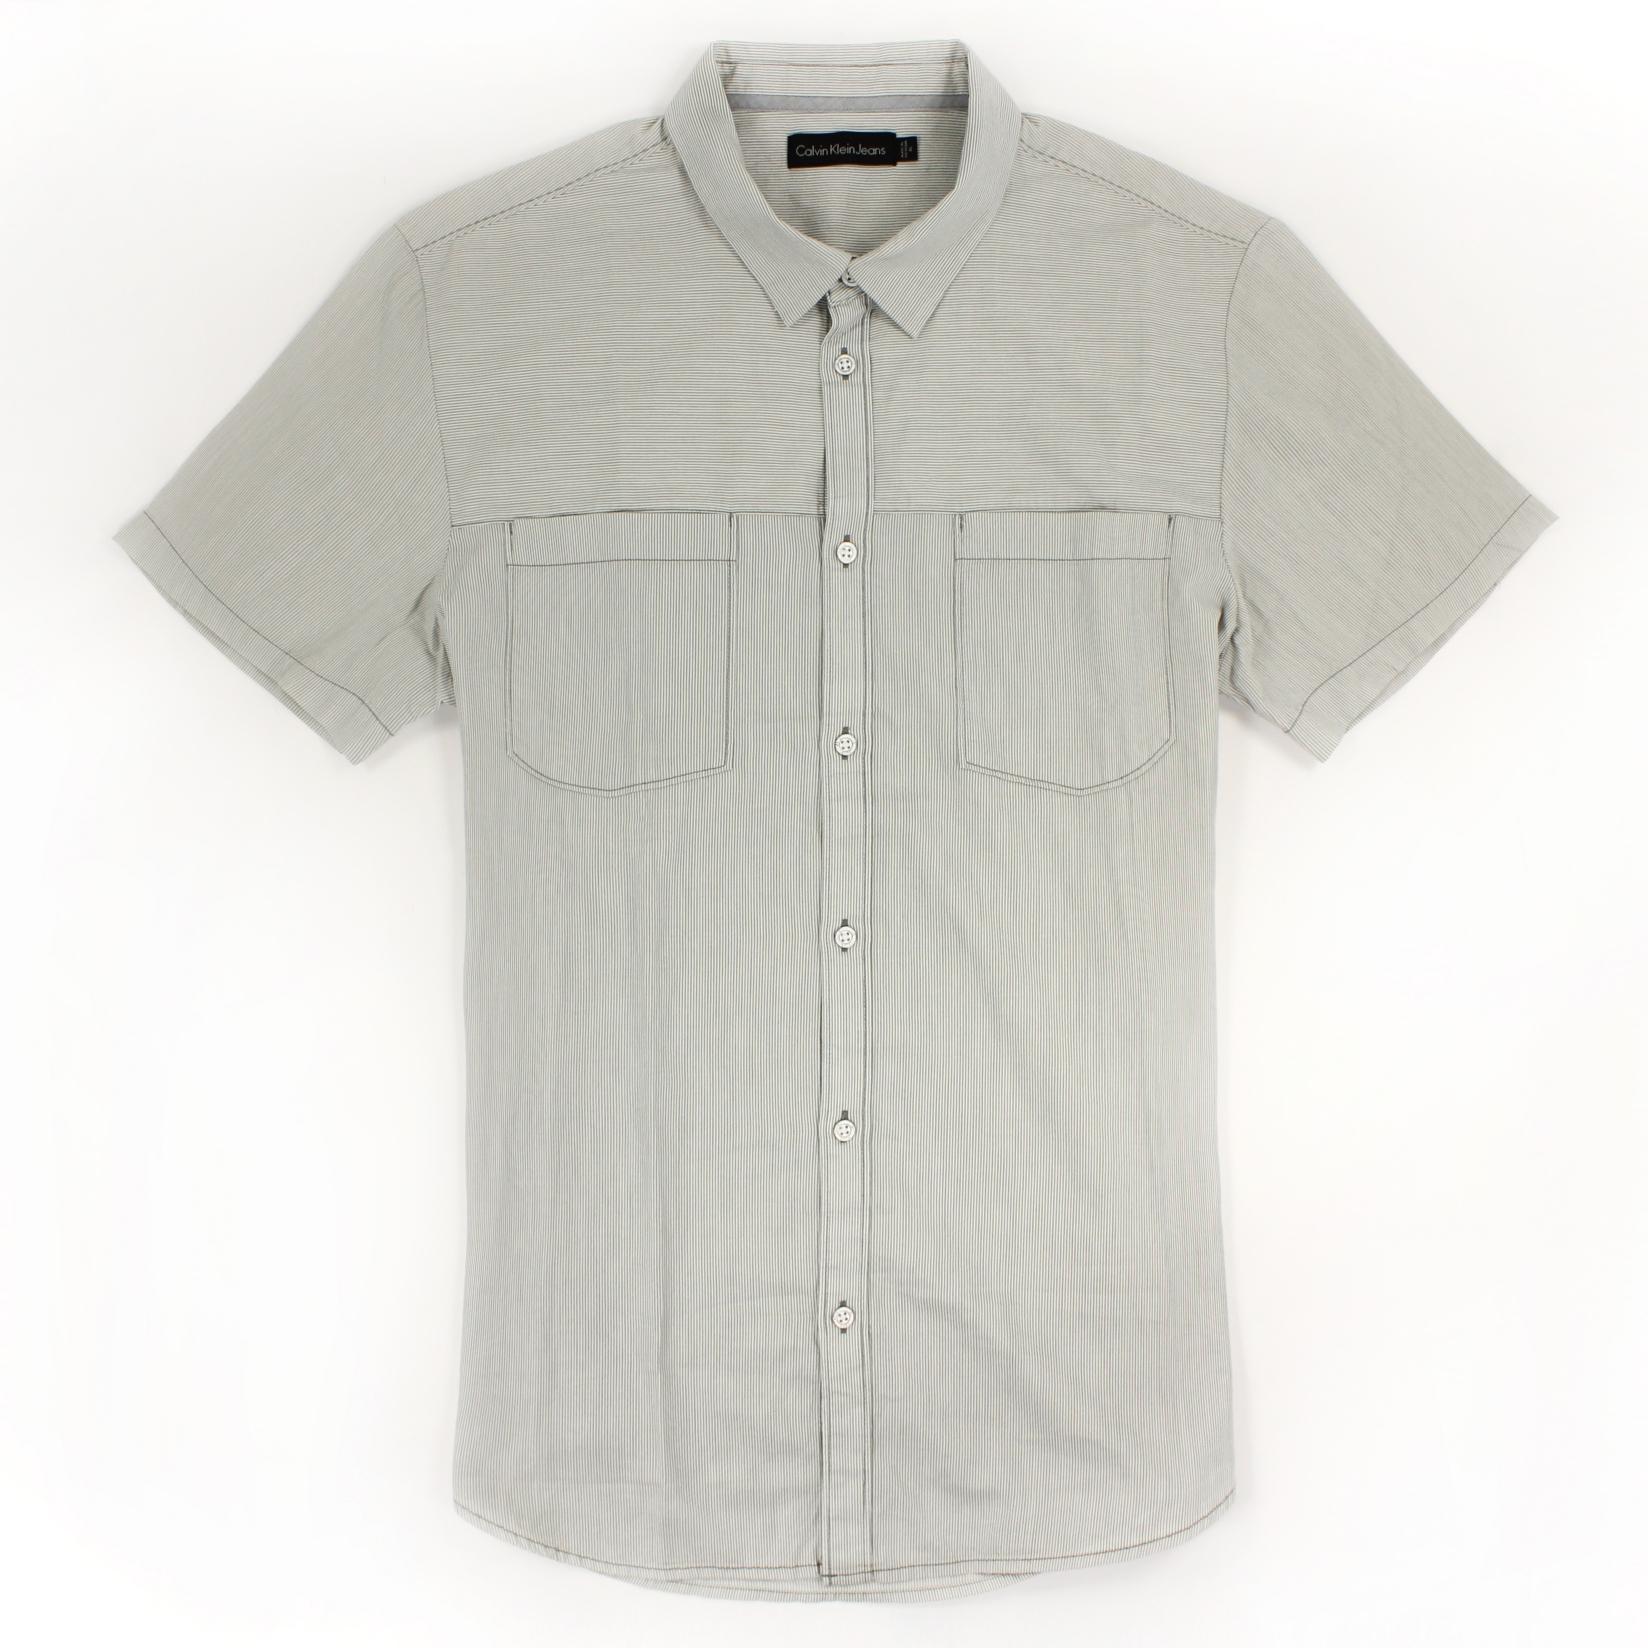 美國百分百【全新真品】Calvin Klein 襯衫 CK 男衣 短袖 條紋 休閒 上衣 XL號 灰色 E214